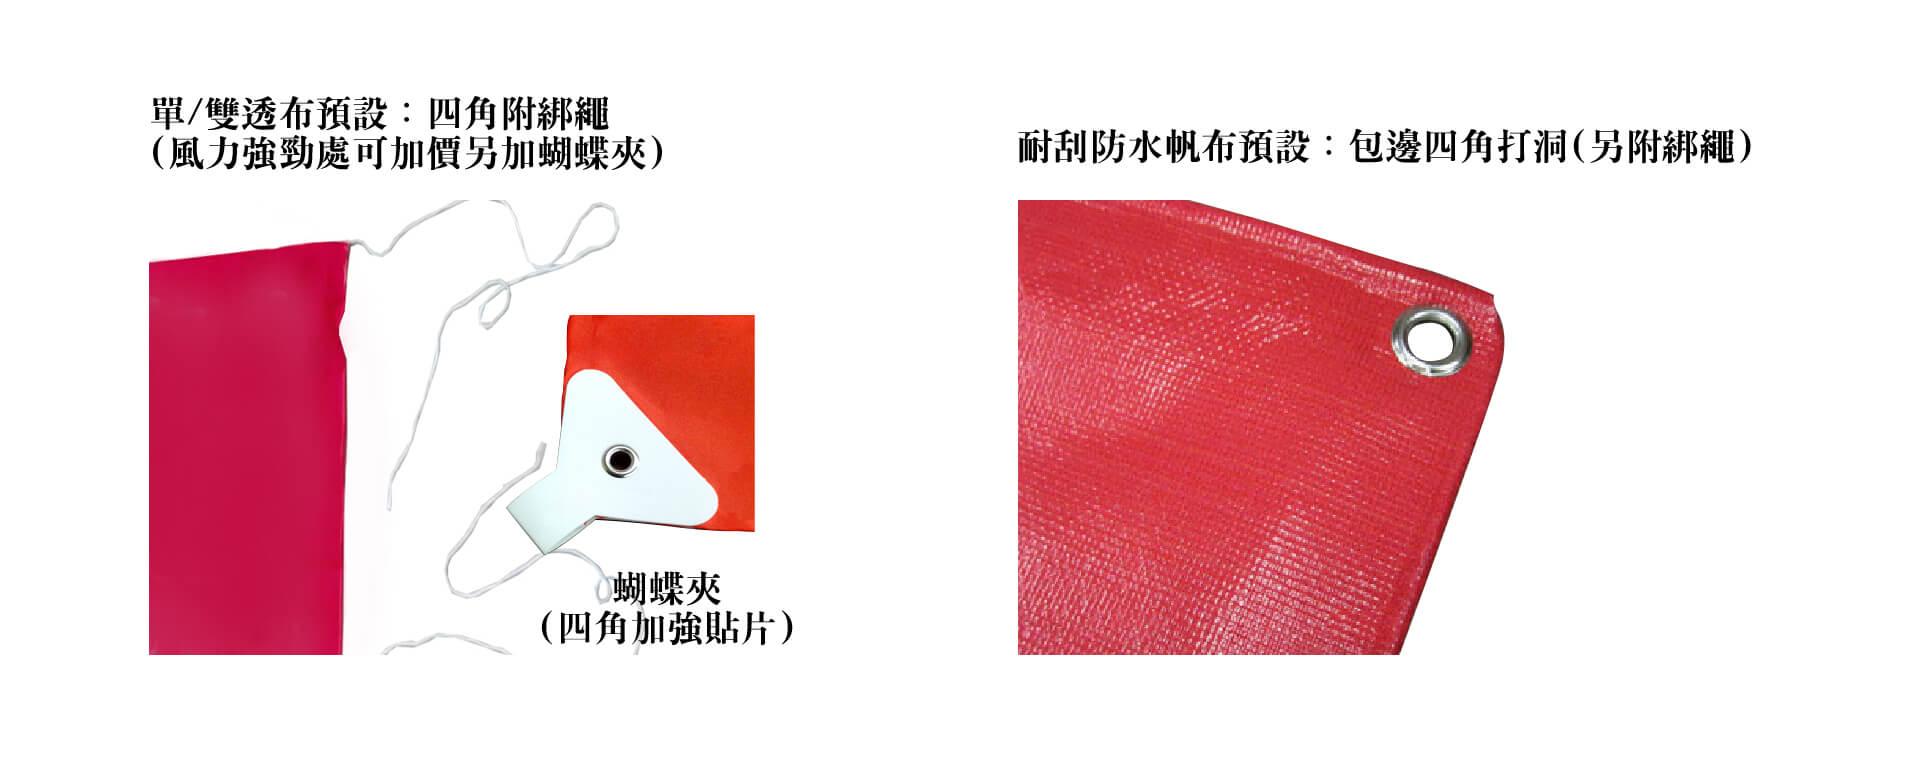 紅布條開幕活動布條印刷說明